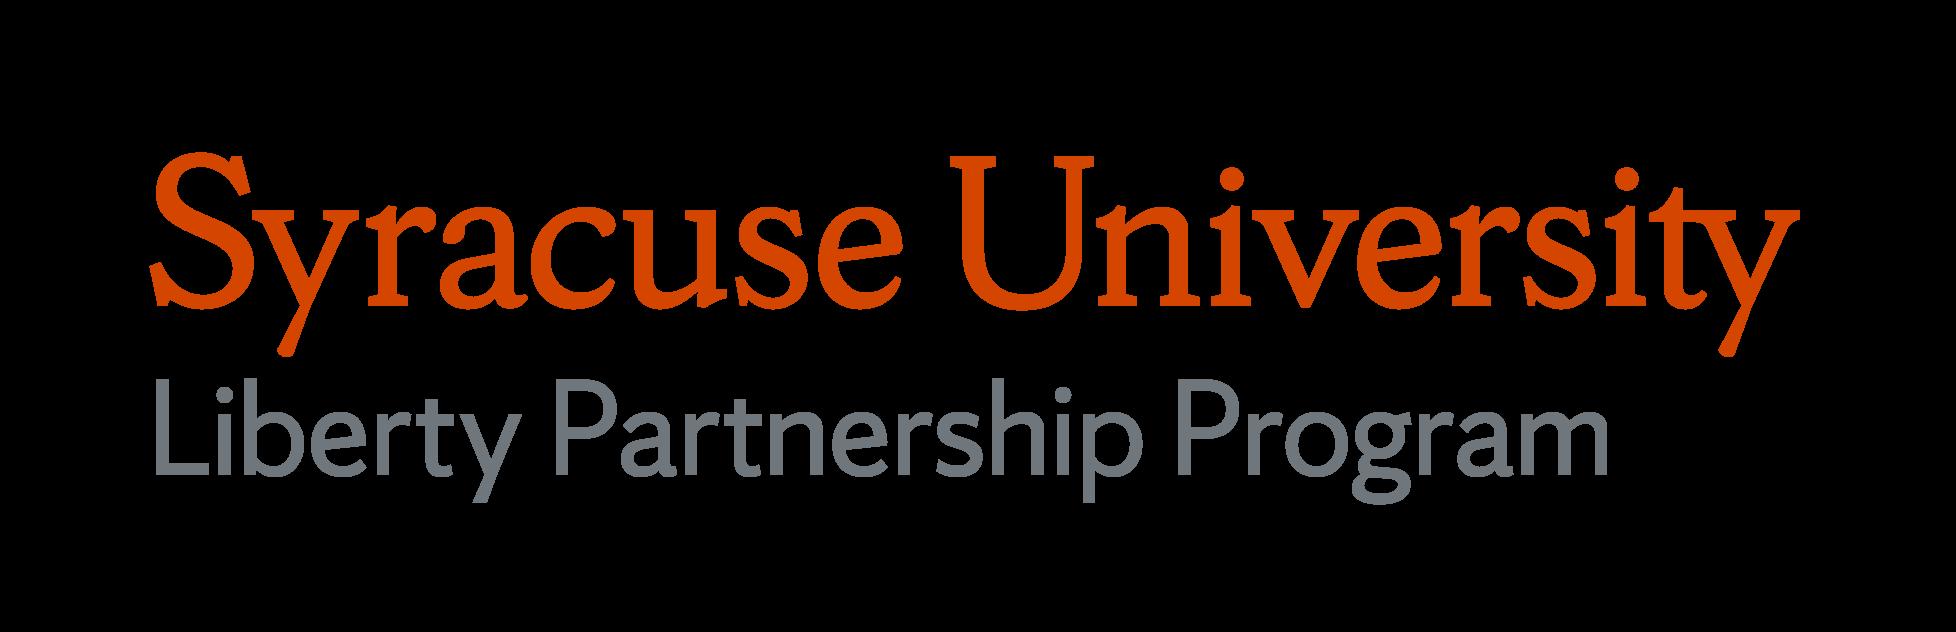 Syracuse University Liberty Partnerships Program